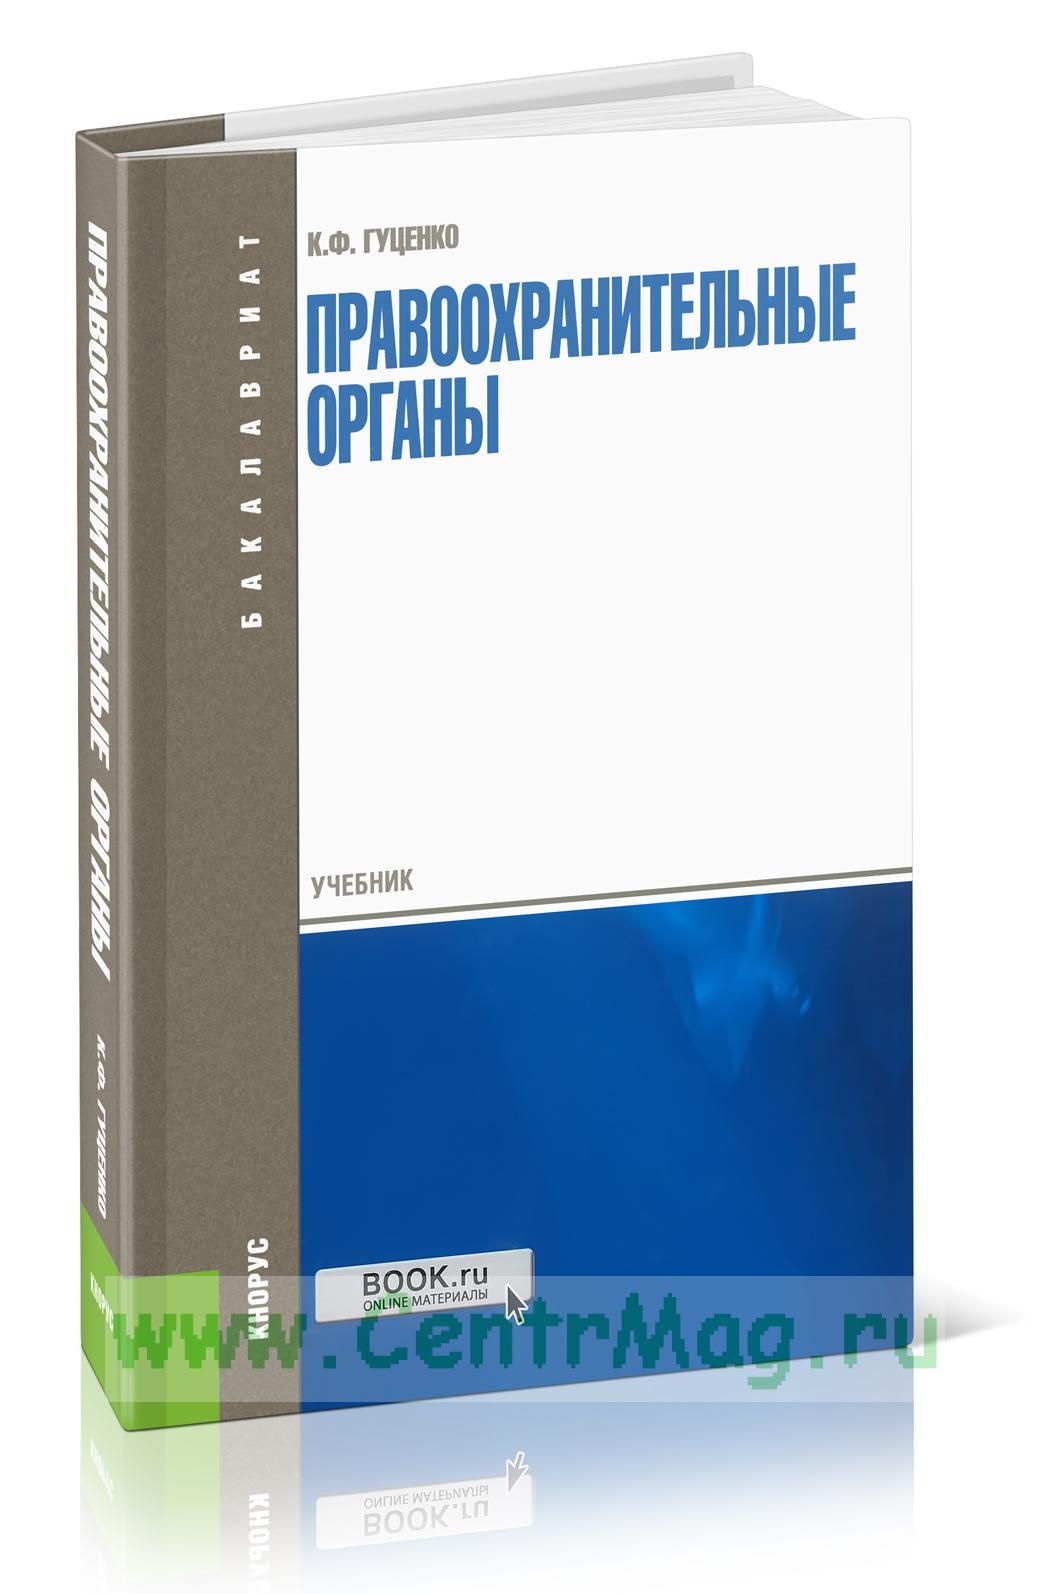 Правооохранительные органы: учебник (5-е издание)